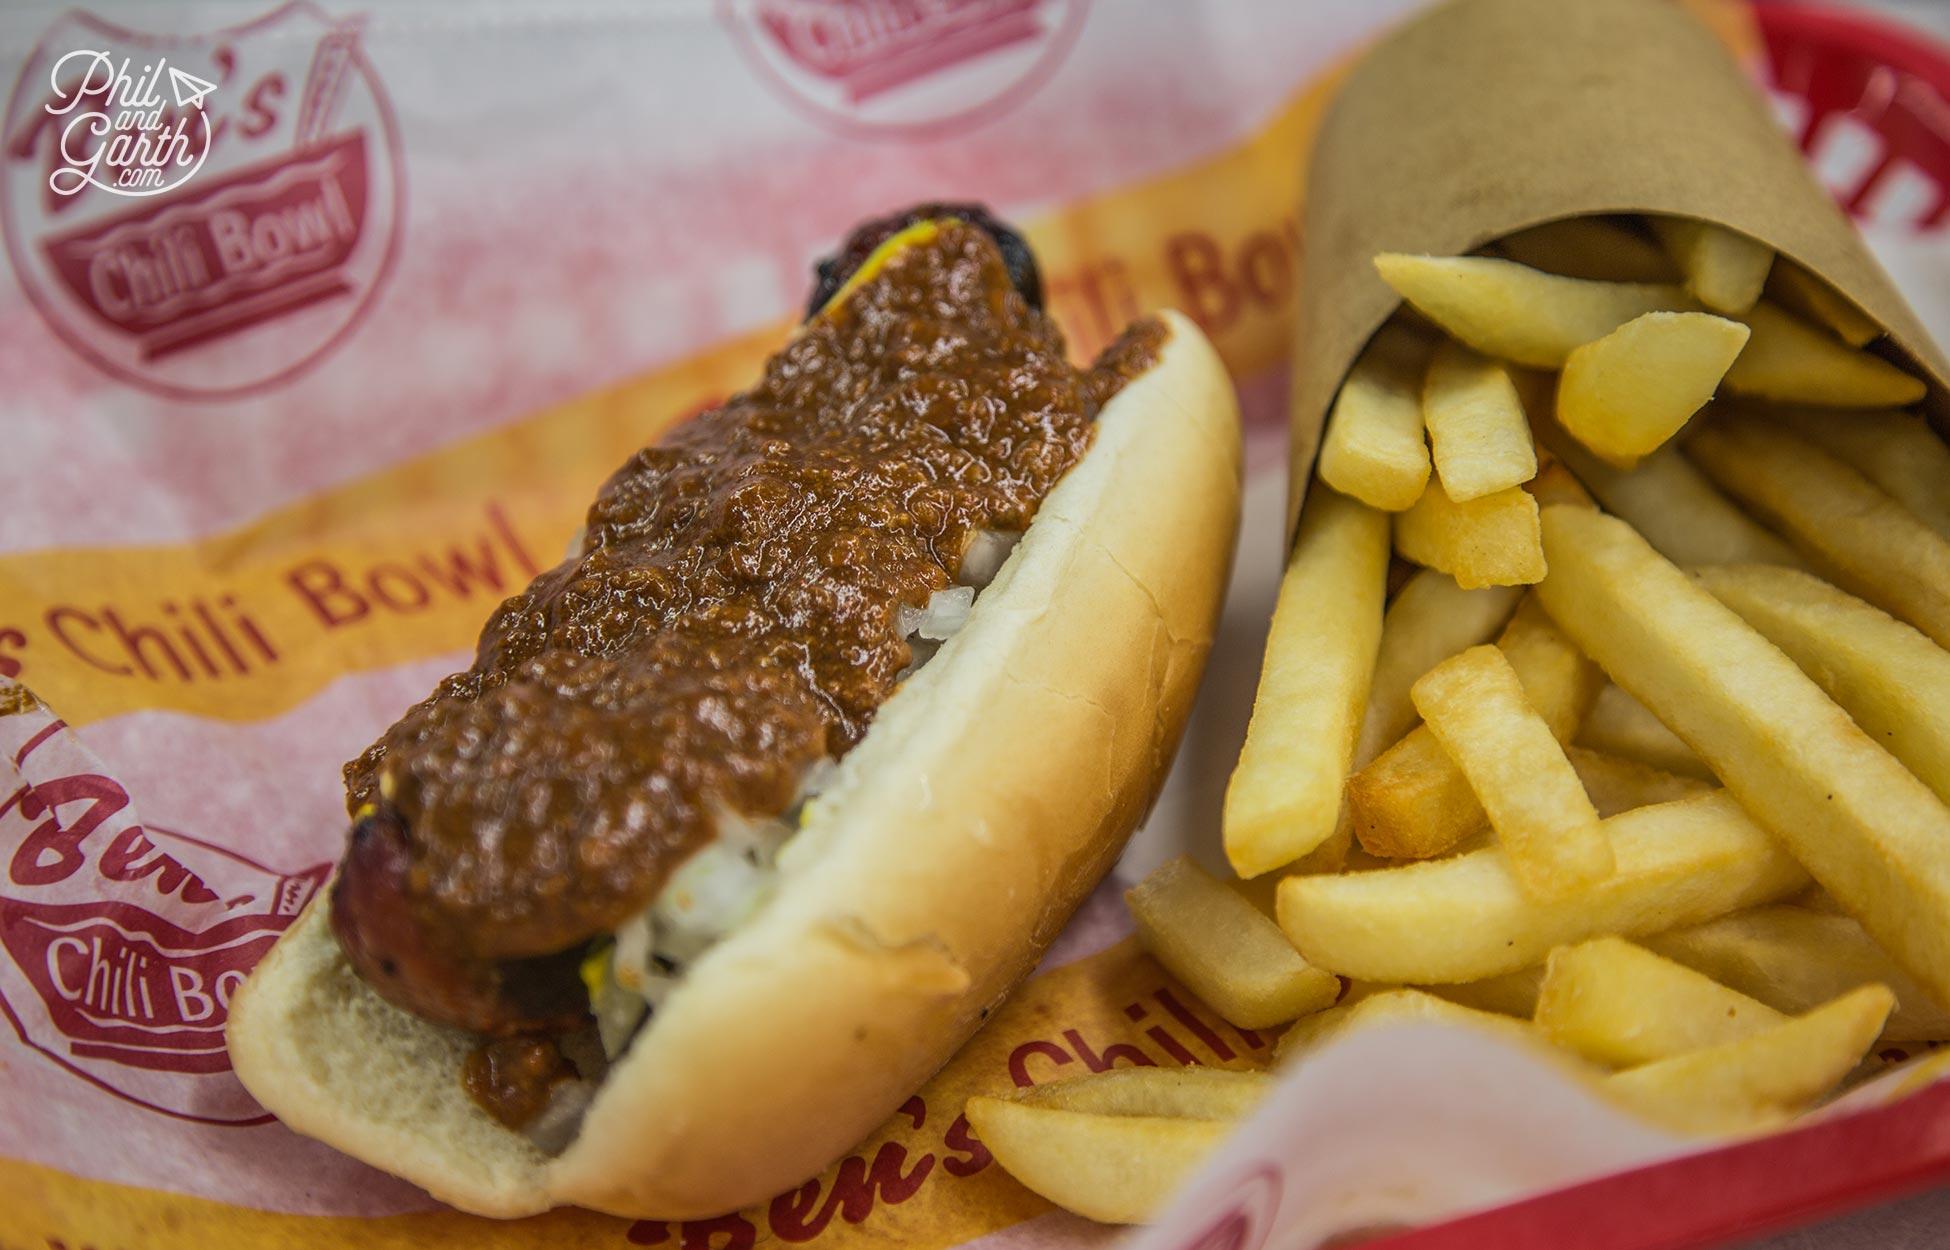 Garth's delicious Chili Half-Smoke Dog